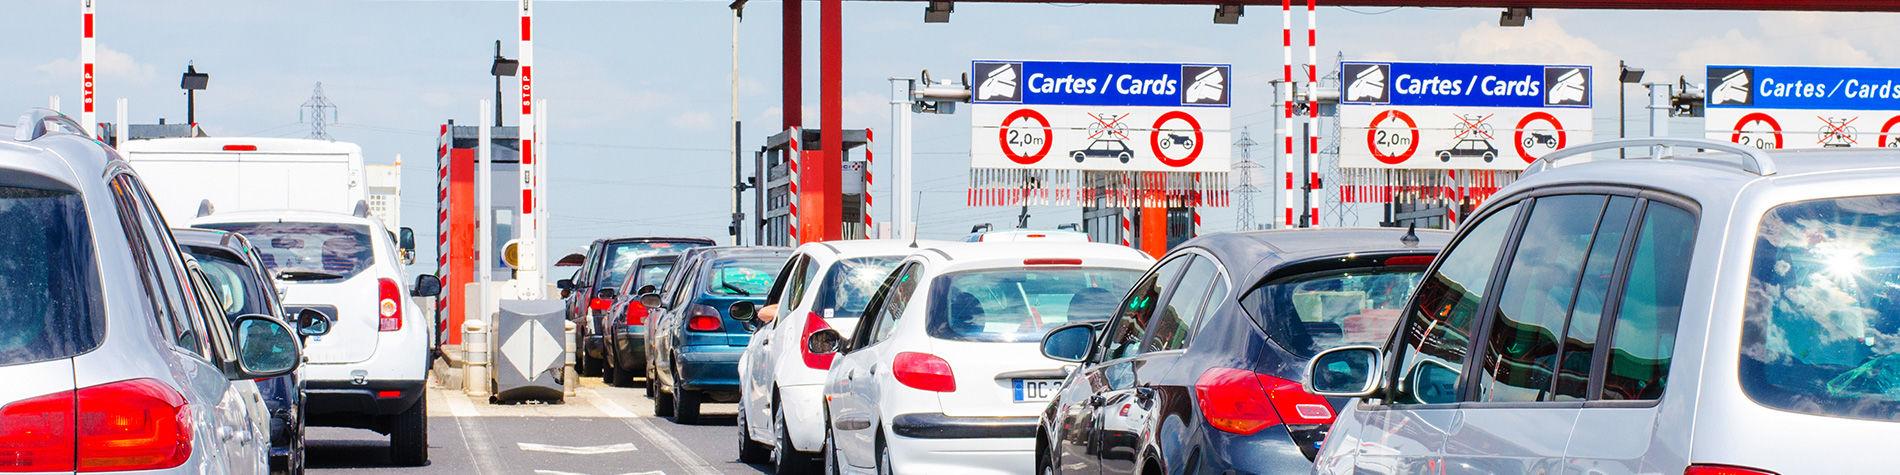 cee9d89d381d6c Autobahngebühren in Europa - TCS Schweiz